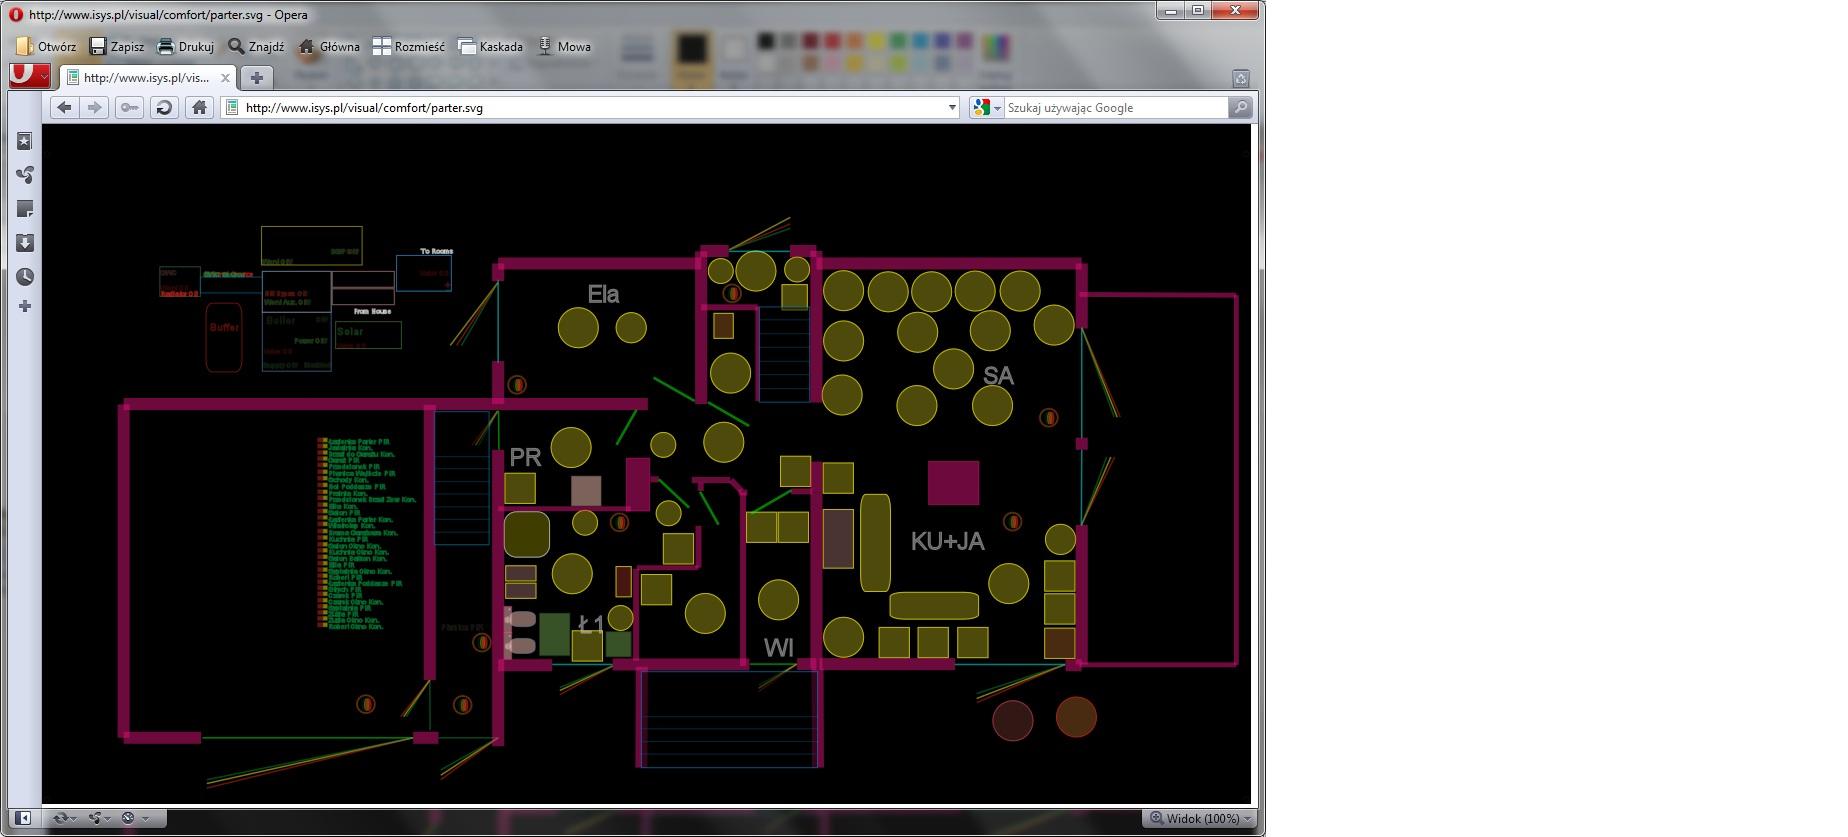 eHouse家庭自动化. 建筑物的控制,通过Web浏览器(SVG)为同一个项目的舒适版